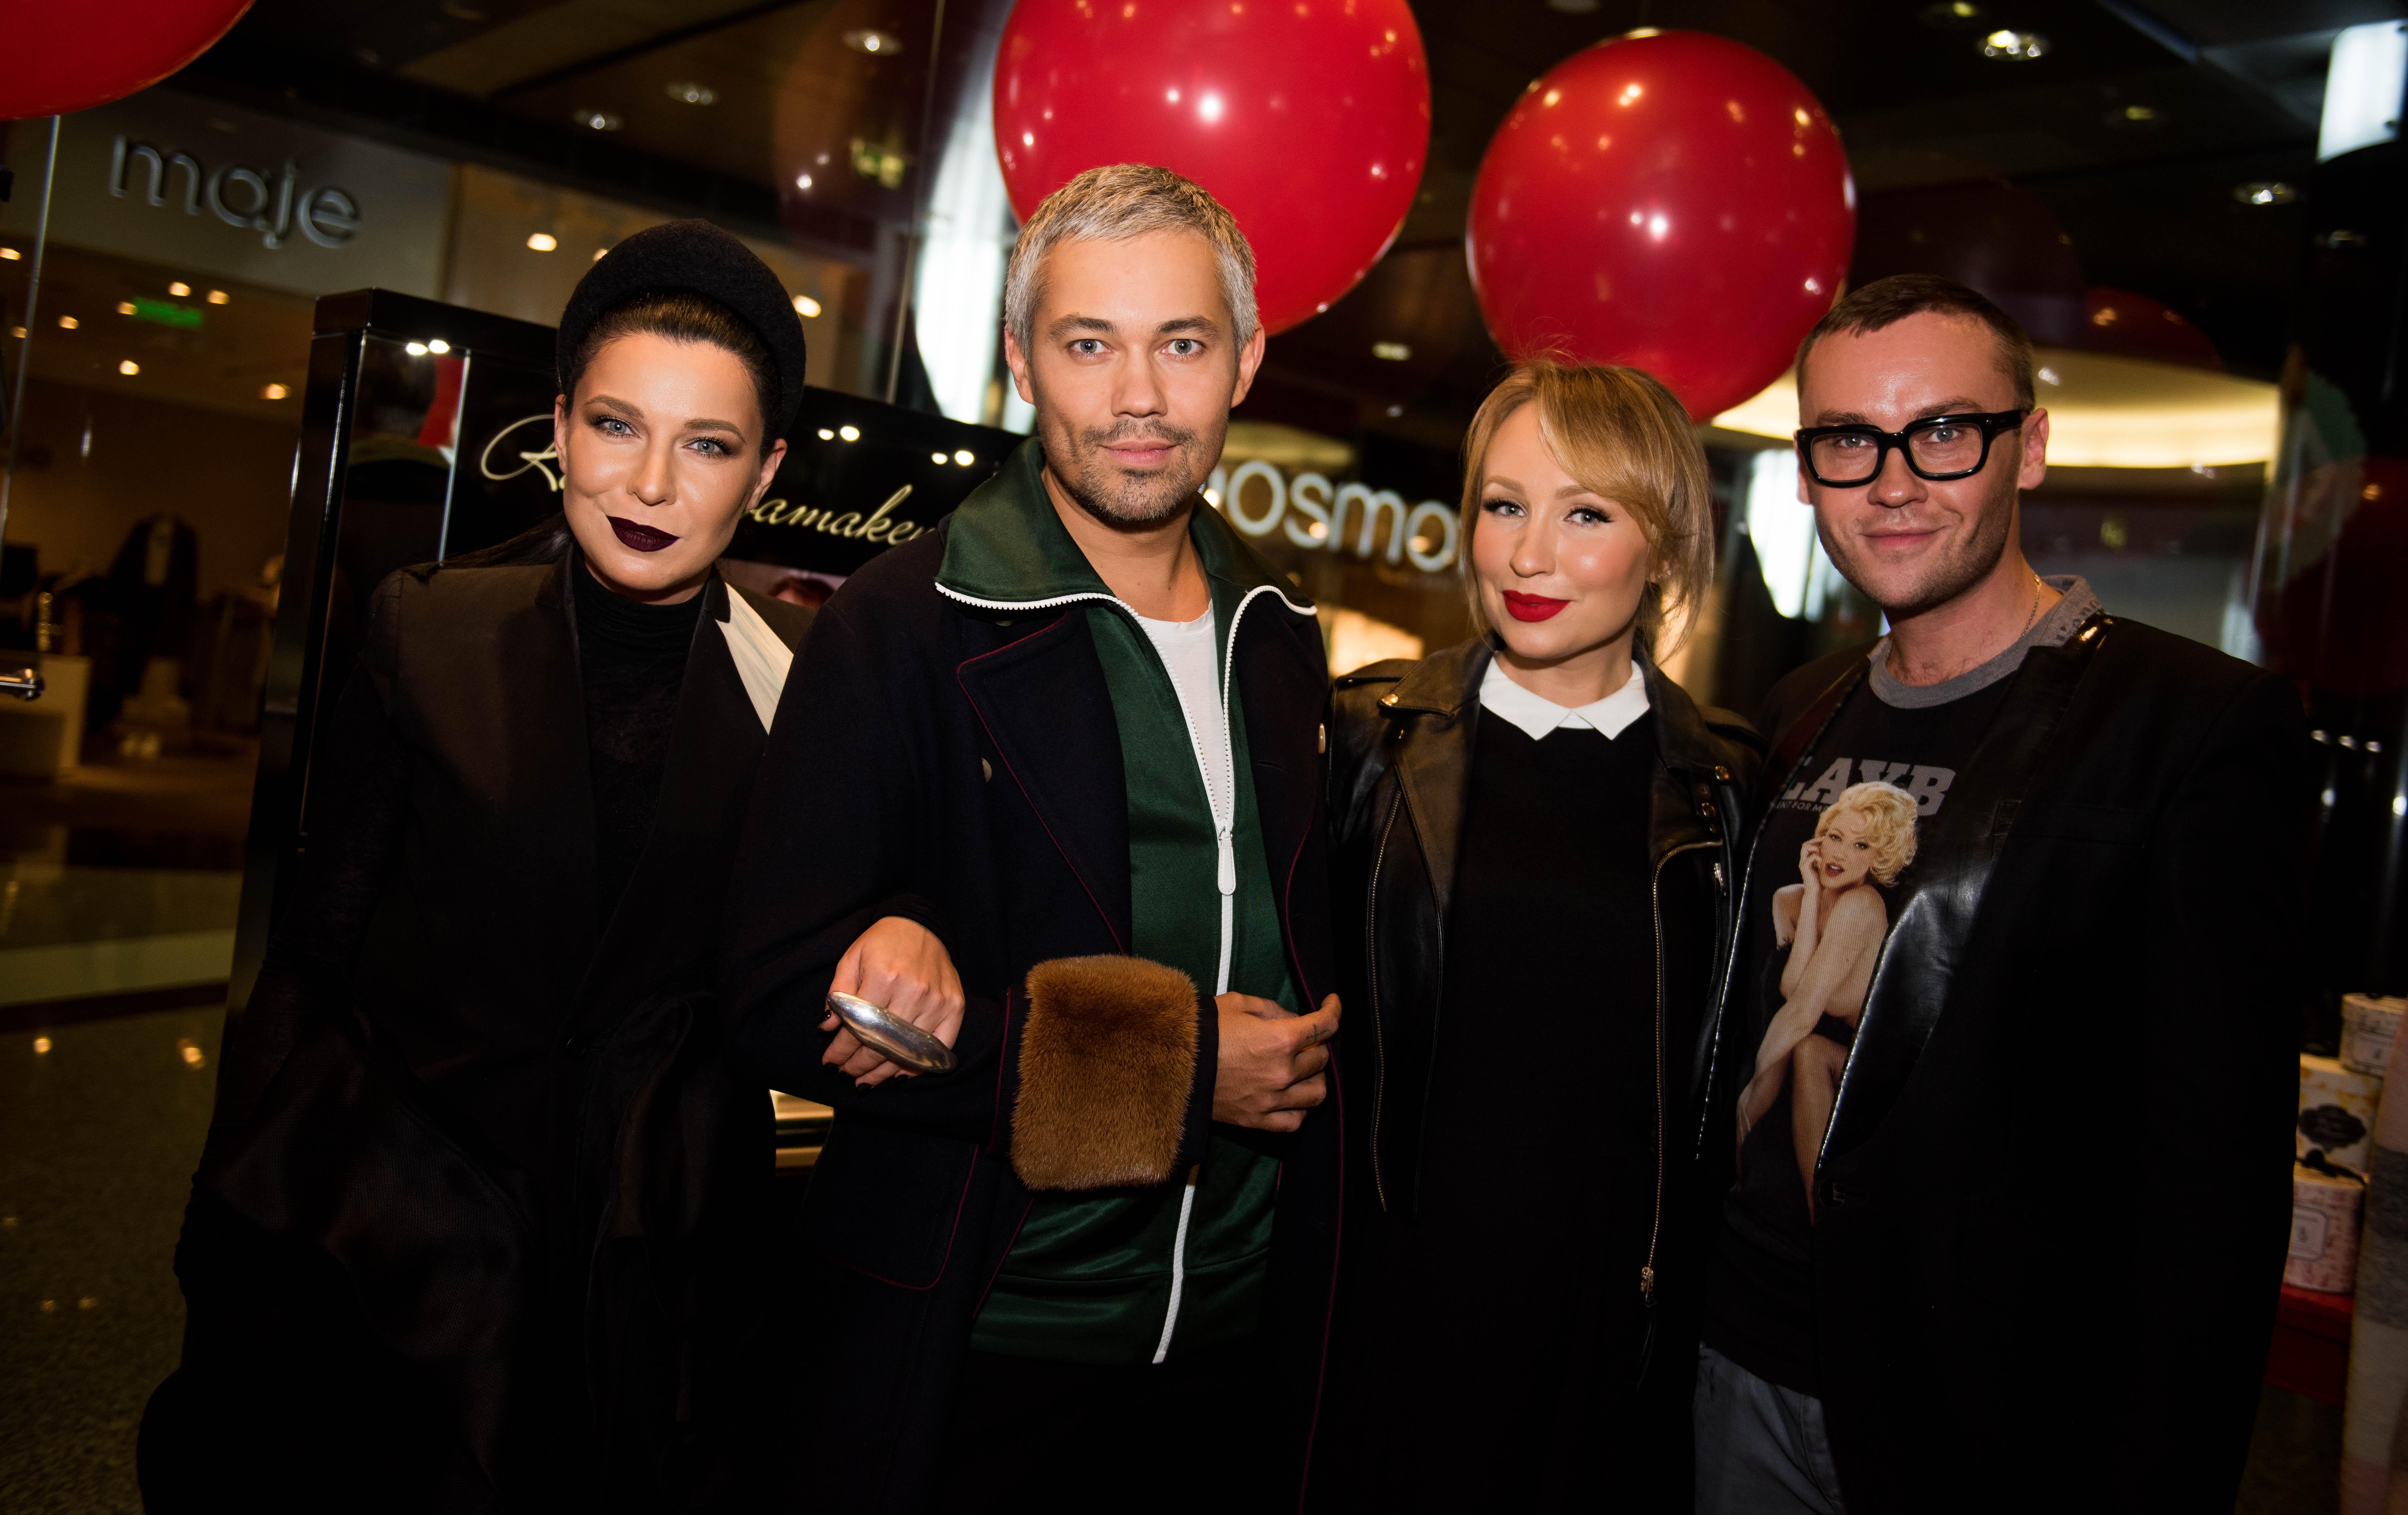 Первый корнер ROMANOVAMAKEUP открылся в самом центре Москвы в бутике PARFUM PALACE